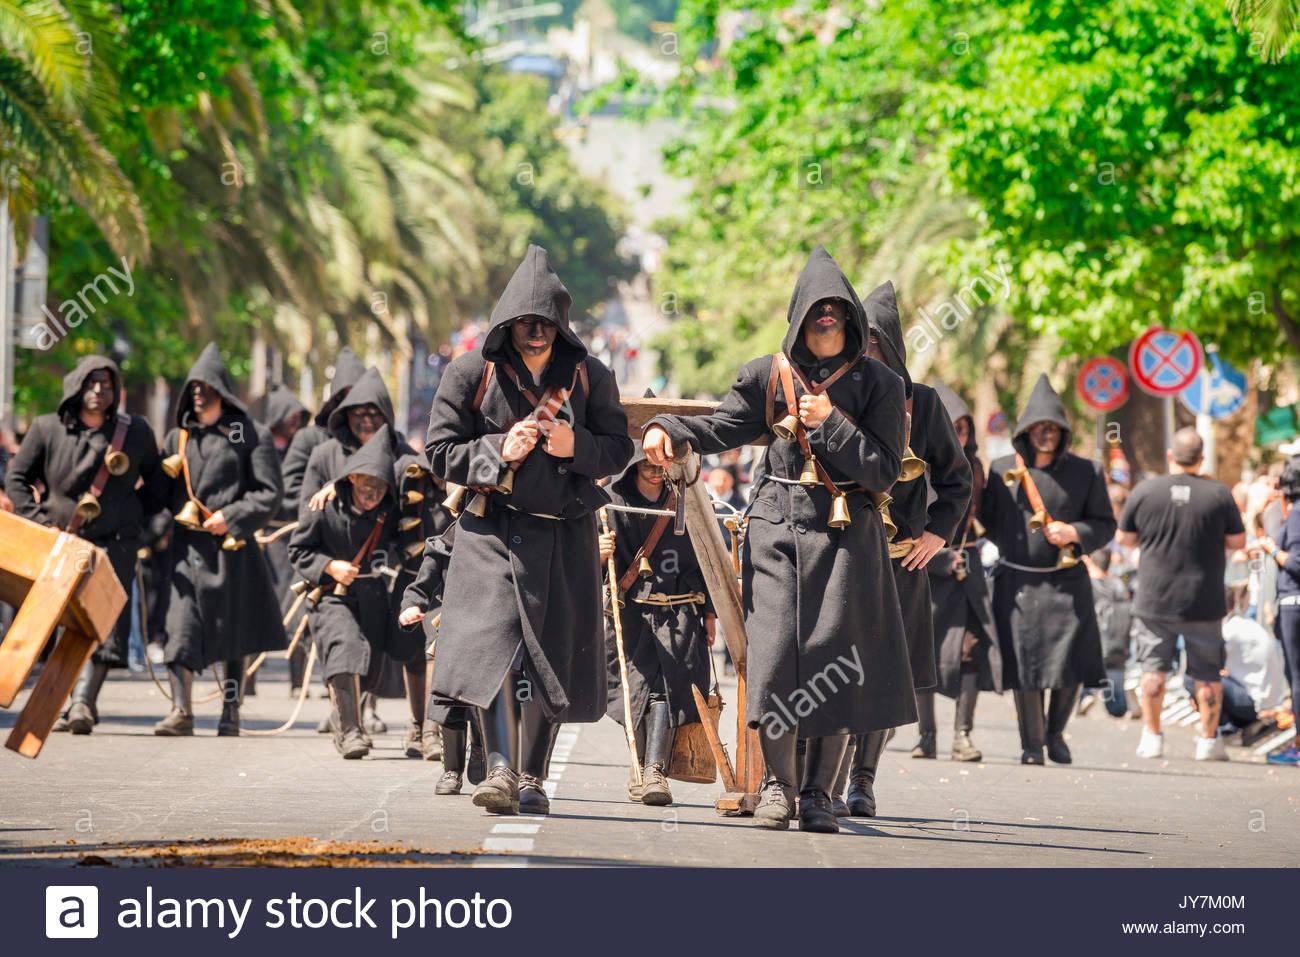 """Festival de Cerdeña, la procesión de los Thurpos o 'blind ones"""" durante el gran desfile de la Cavalcata Sarda festival en Sassari, Cerdeña. Imagen De Stock"""